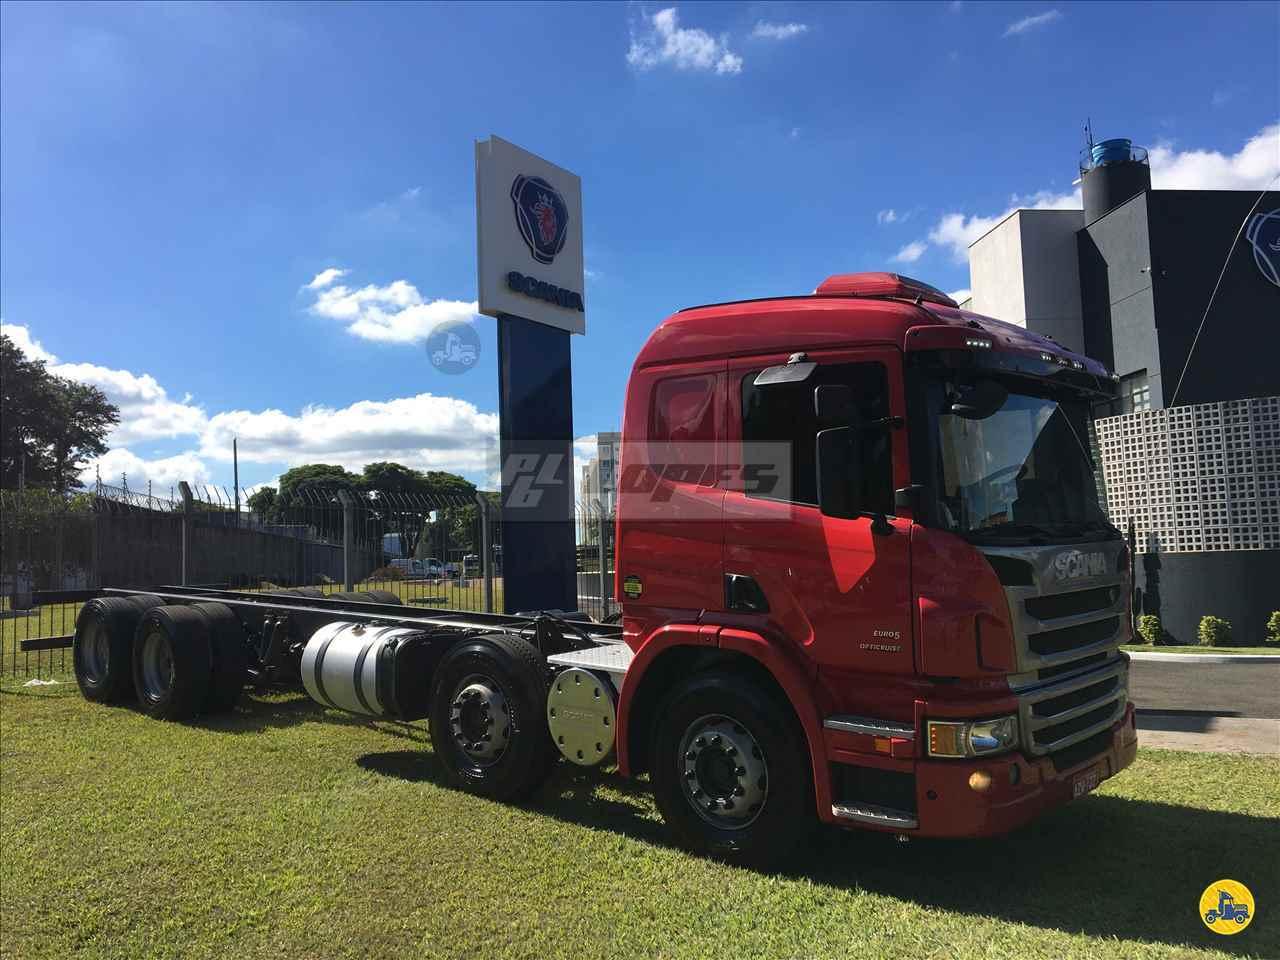 CAMINHAO SCANIA SCANIA P310 Chassis Truck 6x2 P.B. Lopes - Scania MARINGA PARANÁ PR